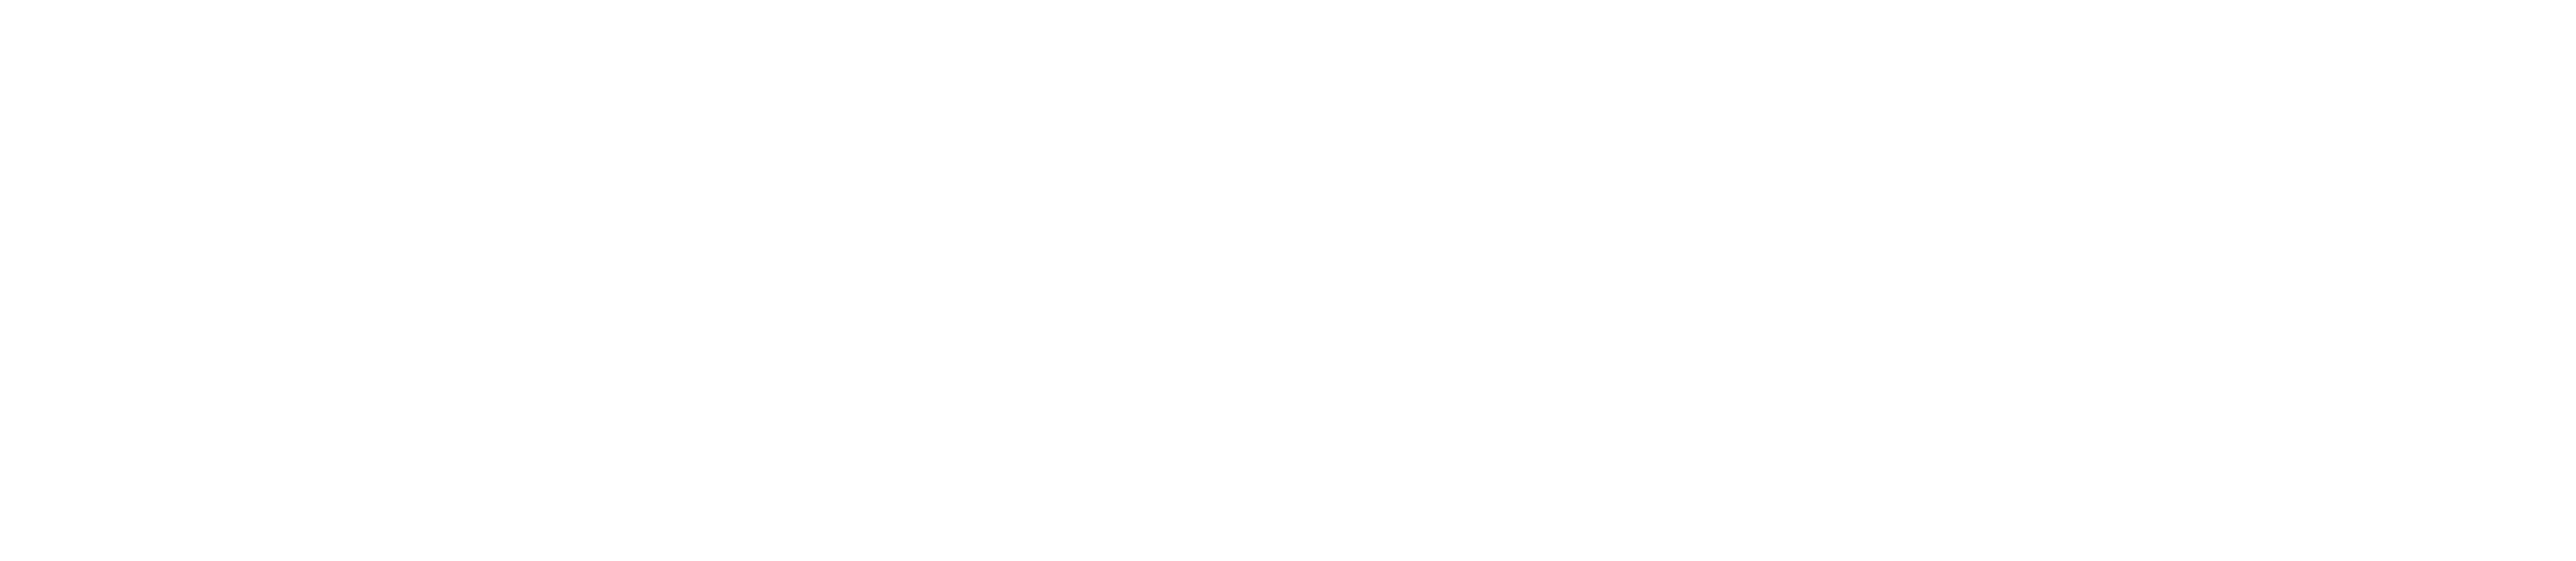 Grain and Frame Logo White